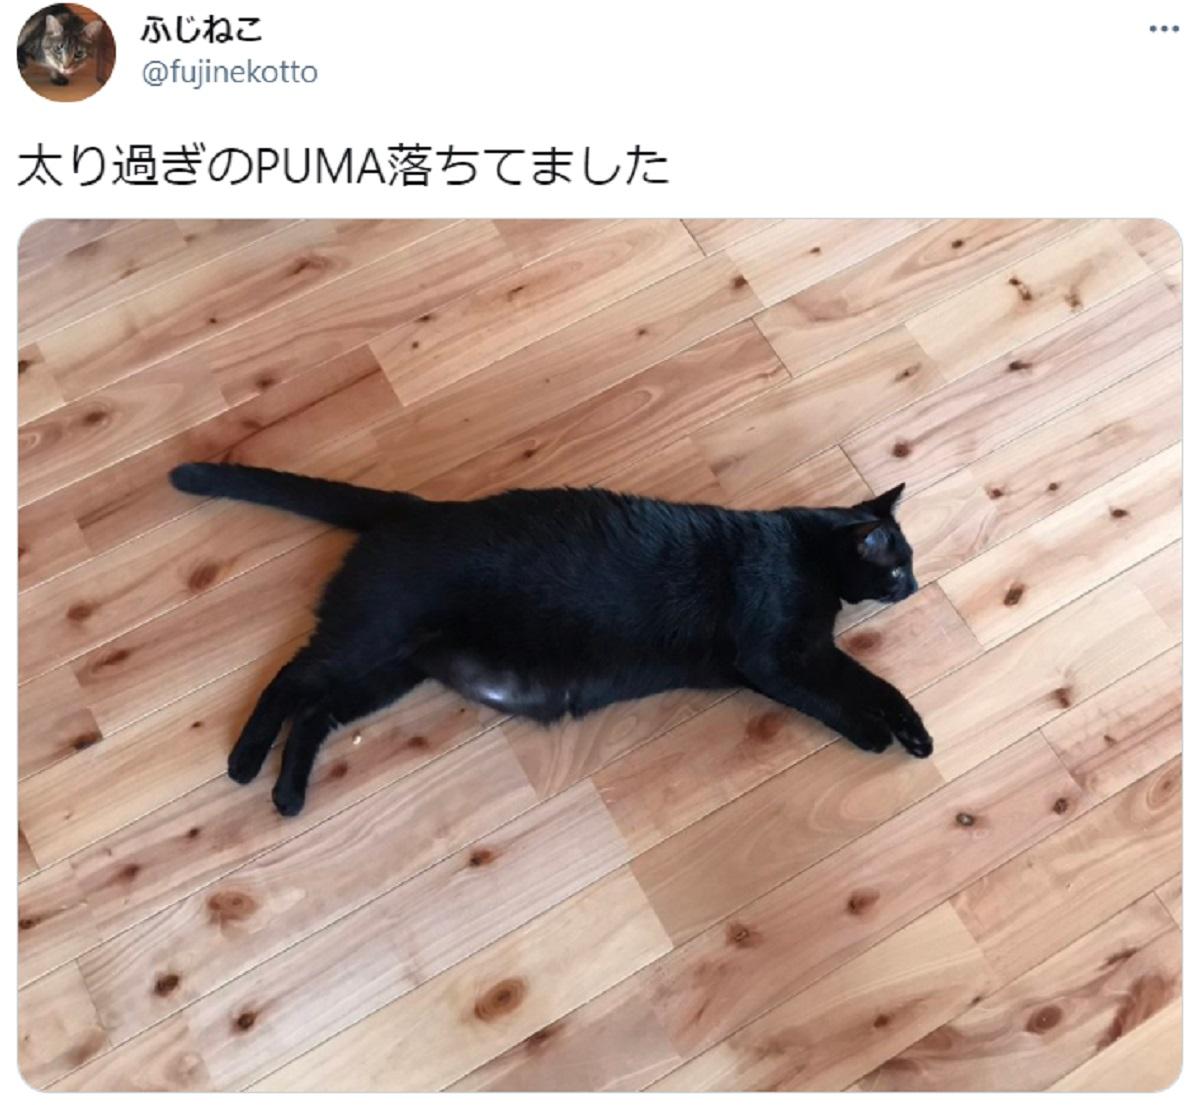 スポーツブランドのロゴっぽい 愛嬌たっぷりのぽちゃ猫が落ちてました